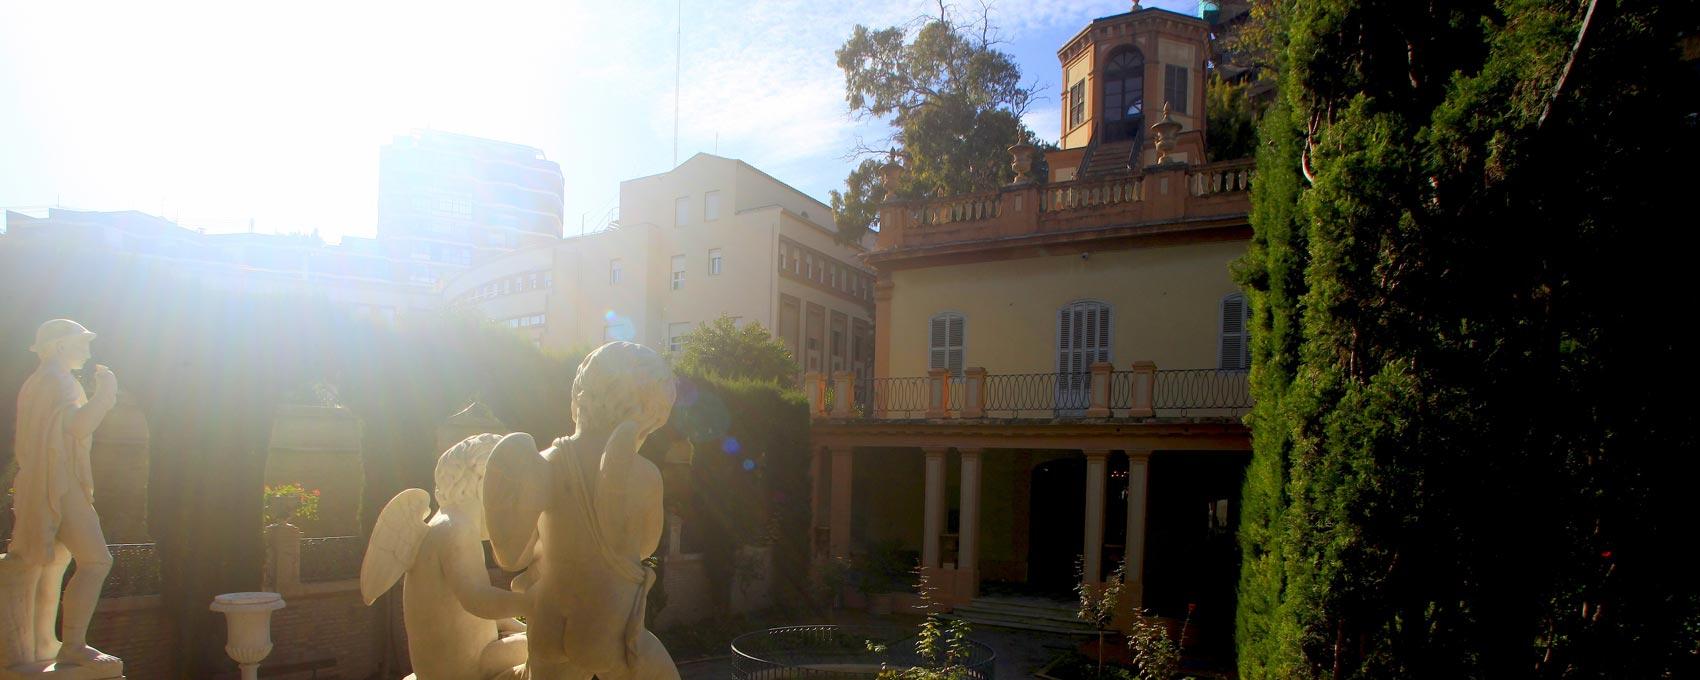 La construcció és de 1859 i el seu arquitecte va ser Sebastián Monelón Estellés. En 1990 va ser restaurat per l'Ajuntament de València